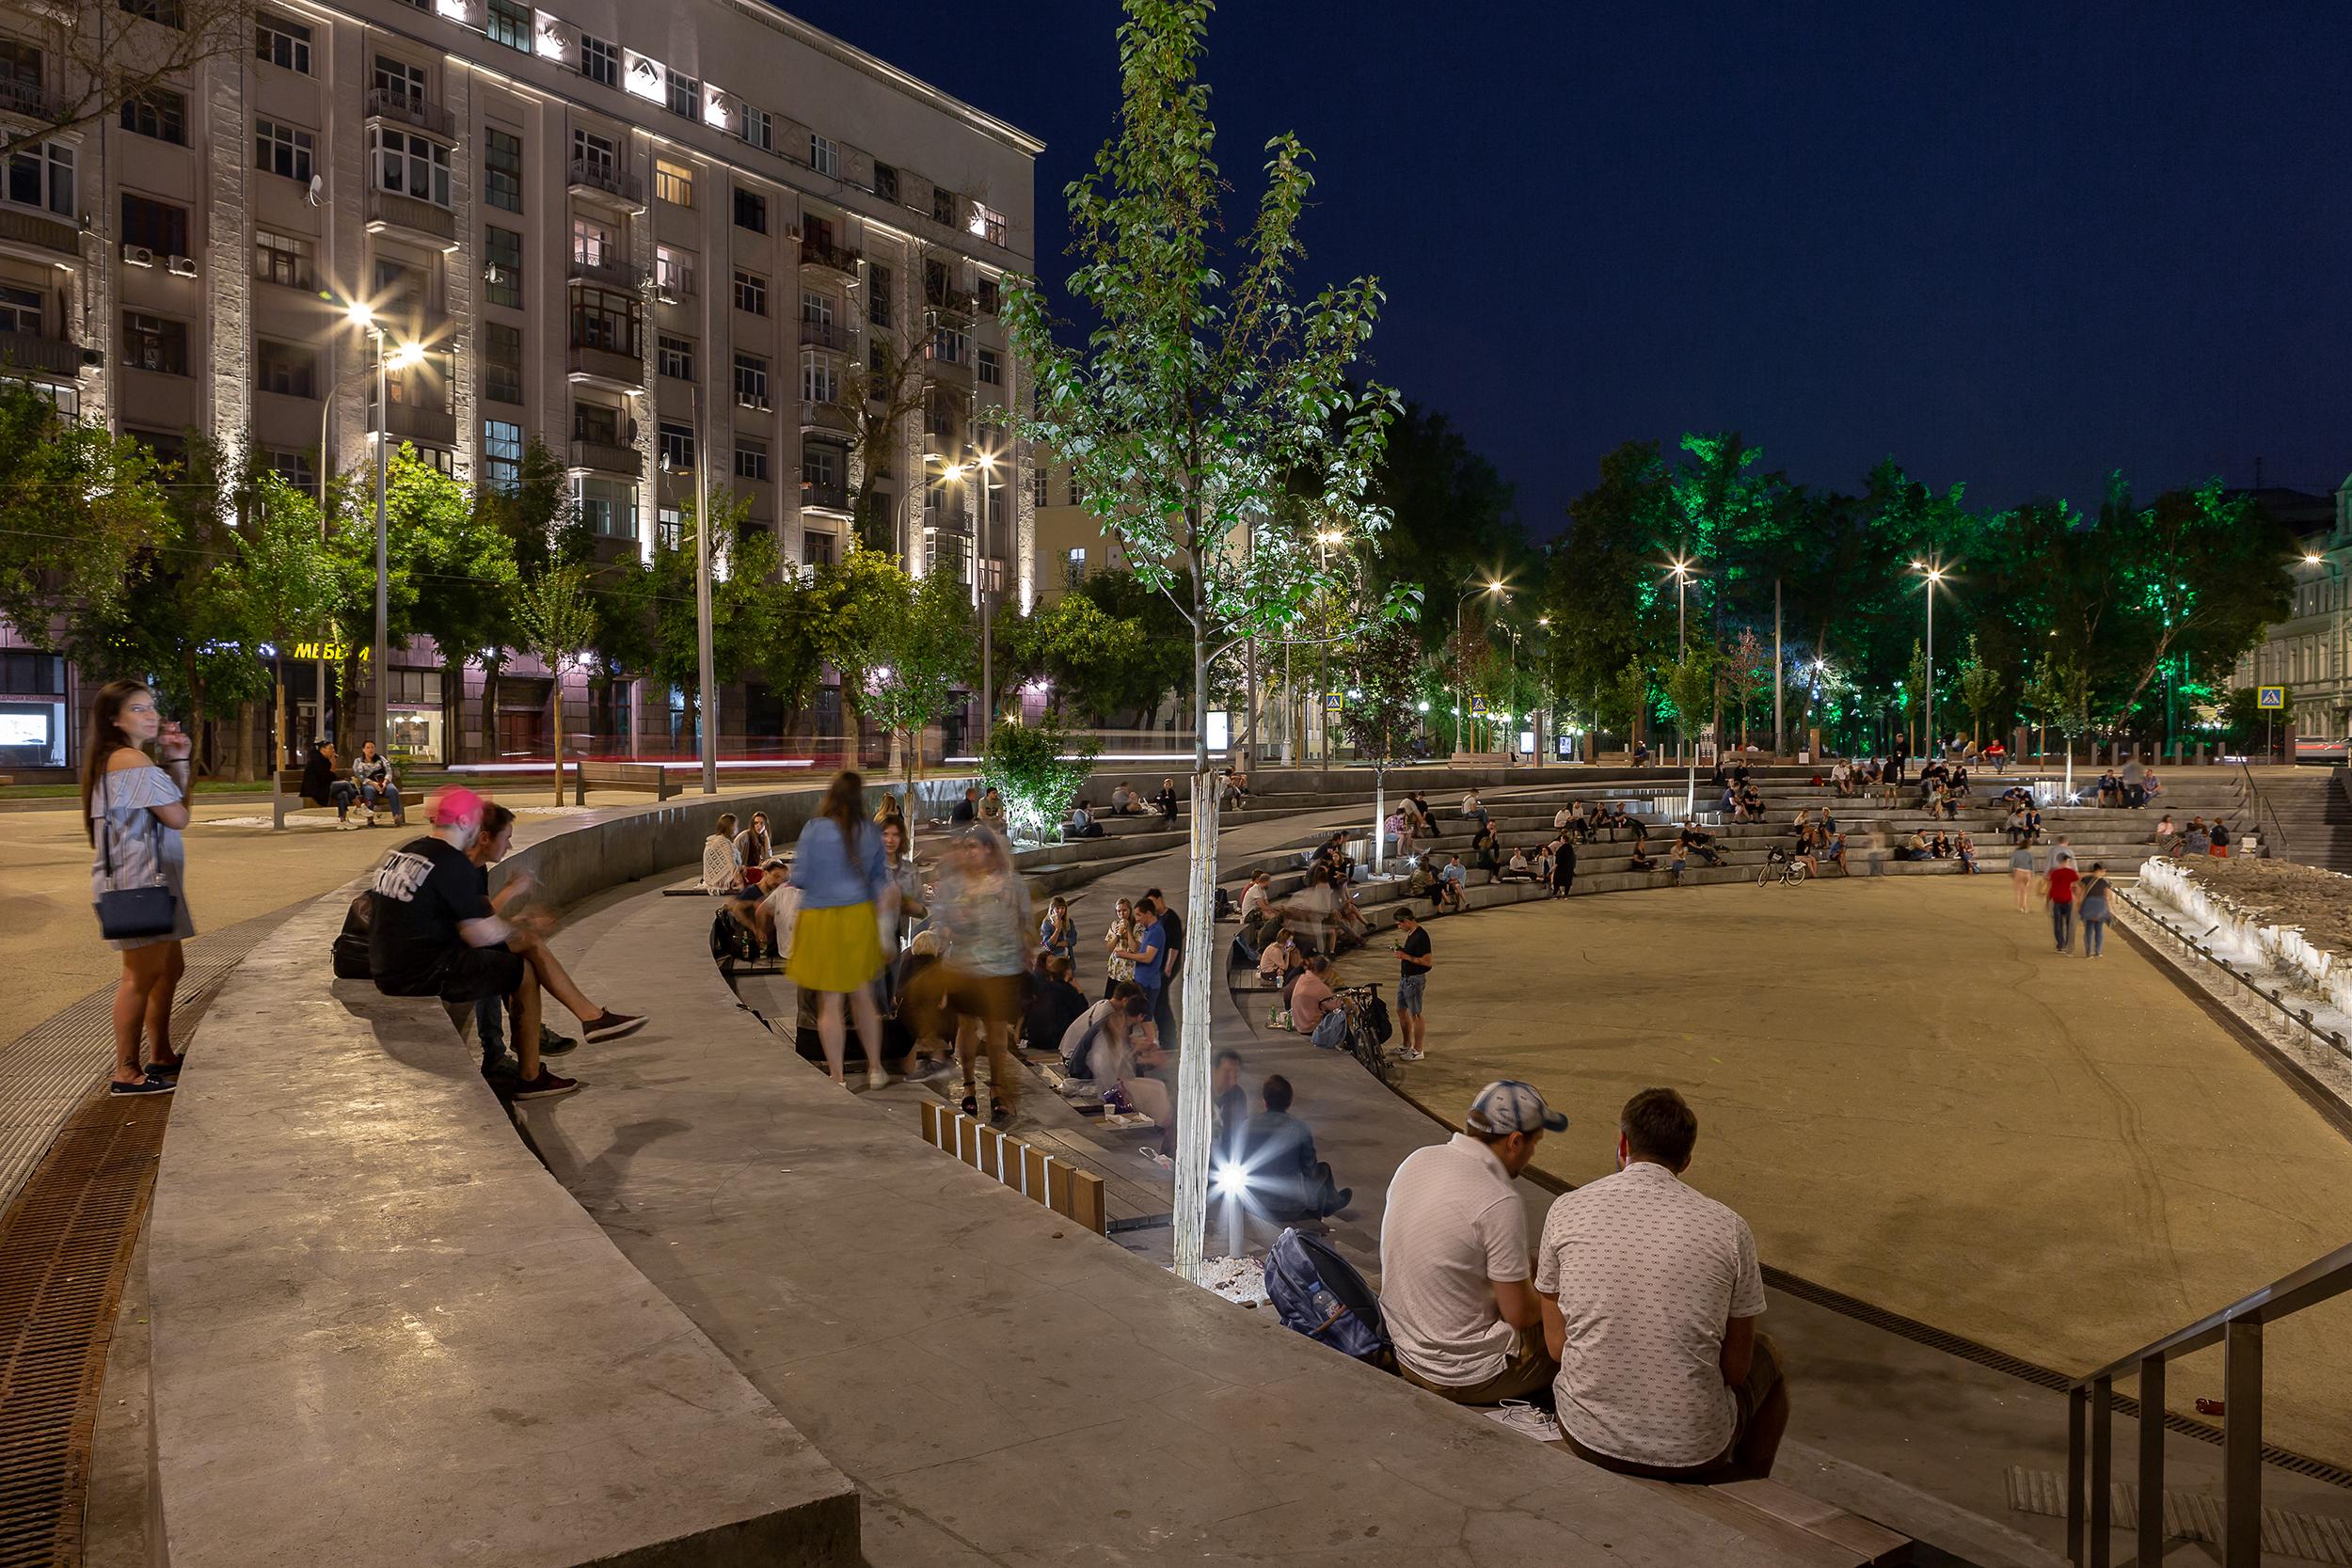 Khokhlovskaya Square by night. Photo credit - Olga Alexeyenko.